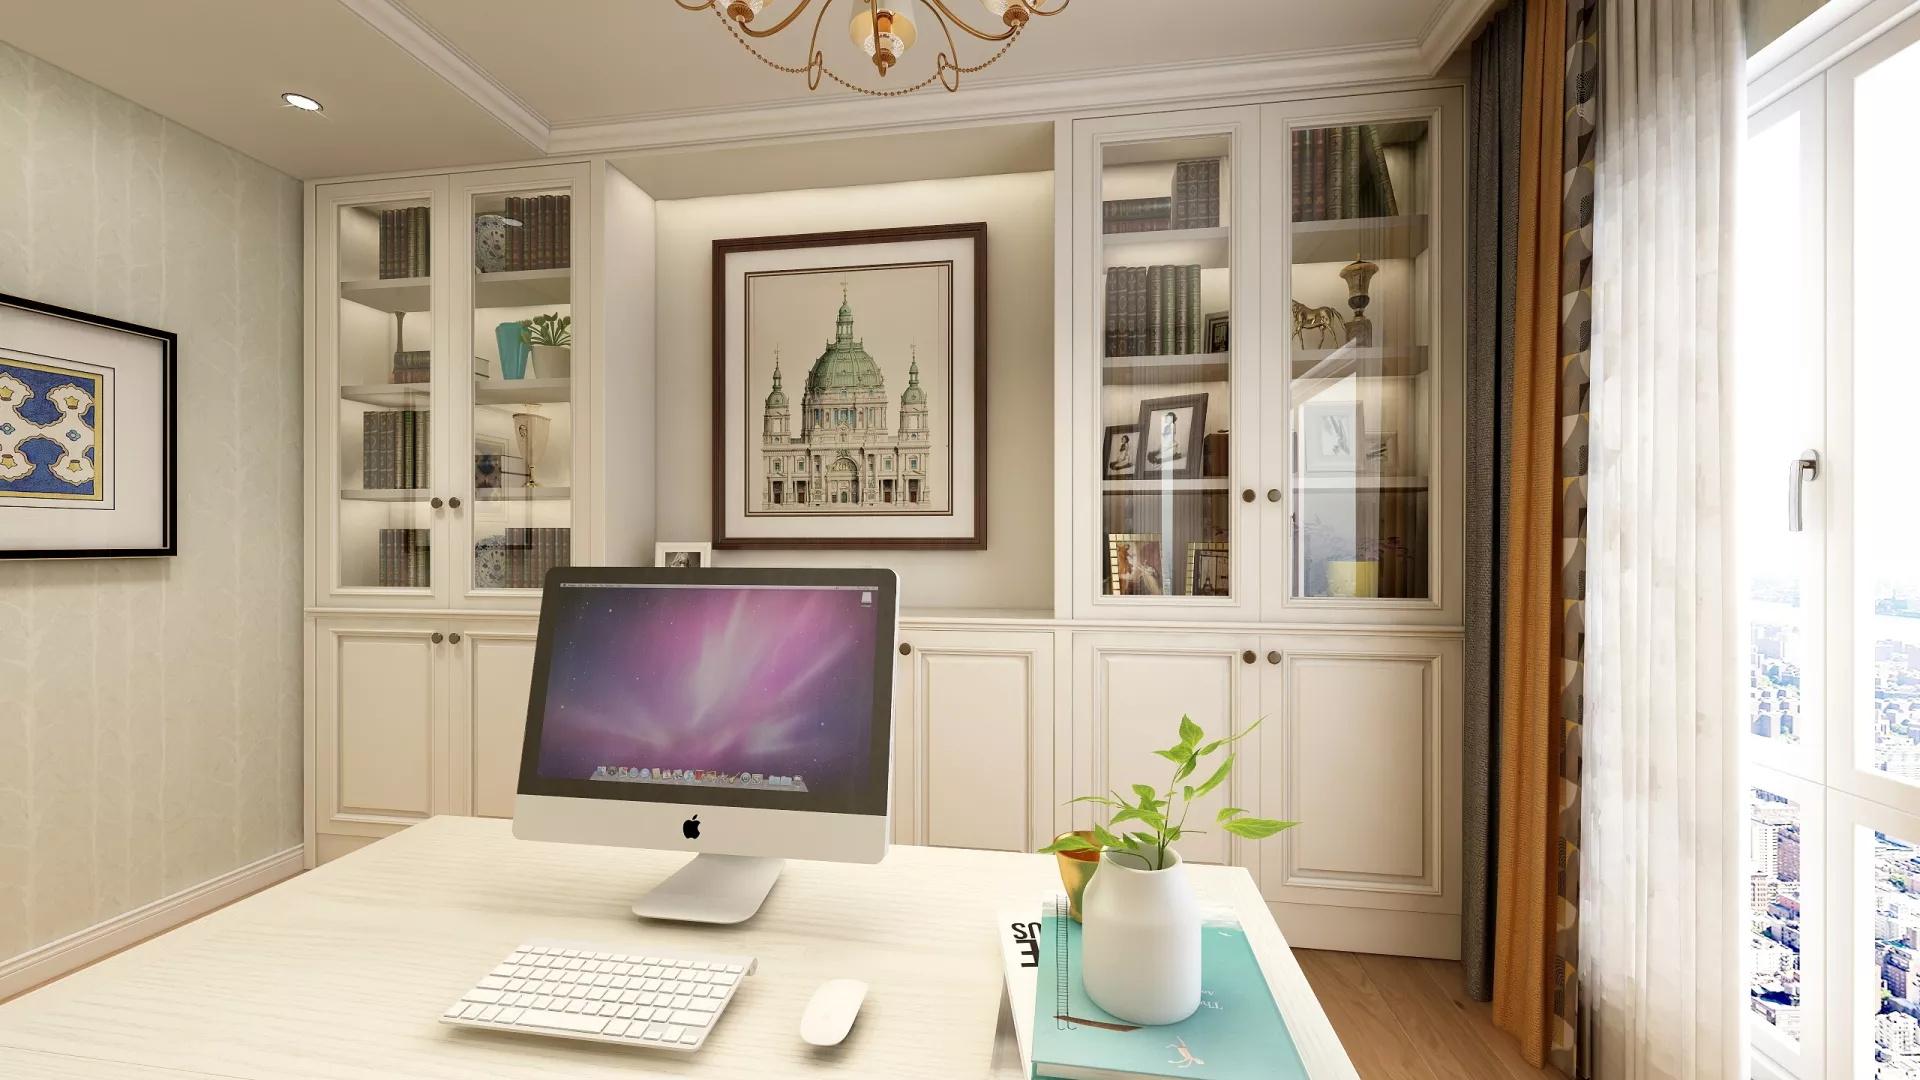 简洁时尚风格客厅装修效果图